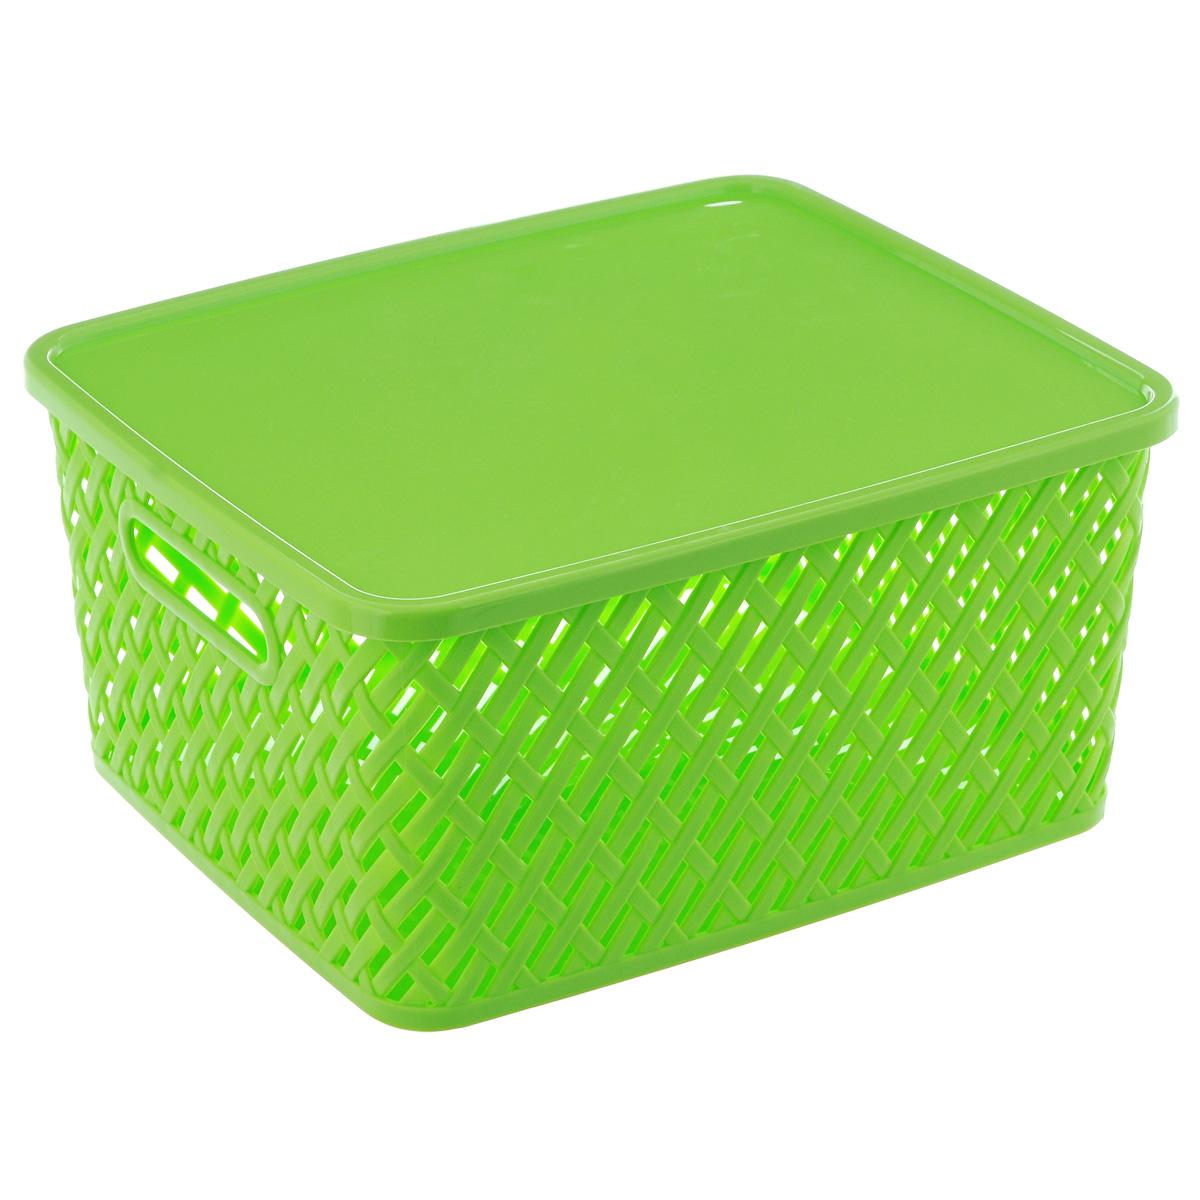 Корзина Альтернатива Плетенка, с крышкой, цвет: салатовый, 35 см х 29 см х 17,5 смUP210DFКорзина Альтернатива Плетенка выполнена из прочного пластика. Она предназначена для хранения различных бытовых вещей и продуктов.Корзина имеет крышку, которая легко открывается и плотно закрывается. Стенки корзины имитированы под плетение, за счет этого обеспечивается естественная вентиляция. Корзина поможет хранить все в одном месте, а также его можно использовать как и для пикника.